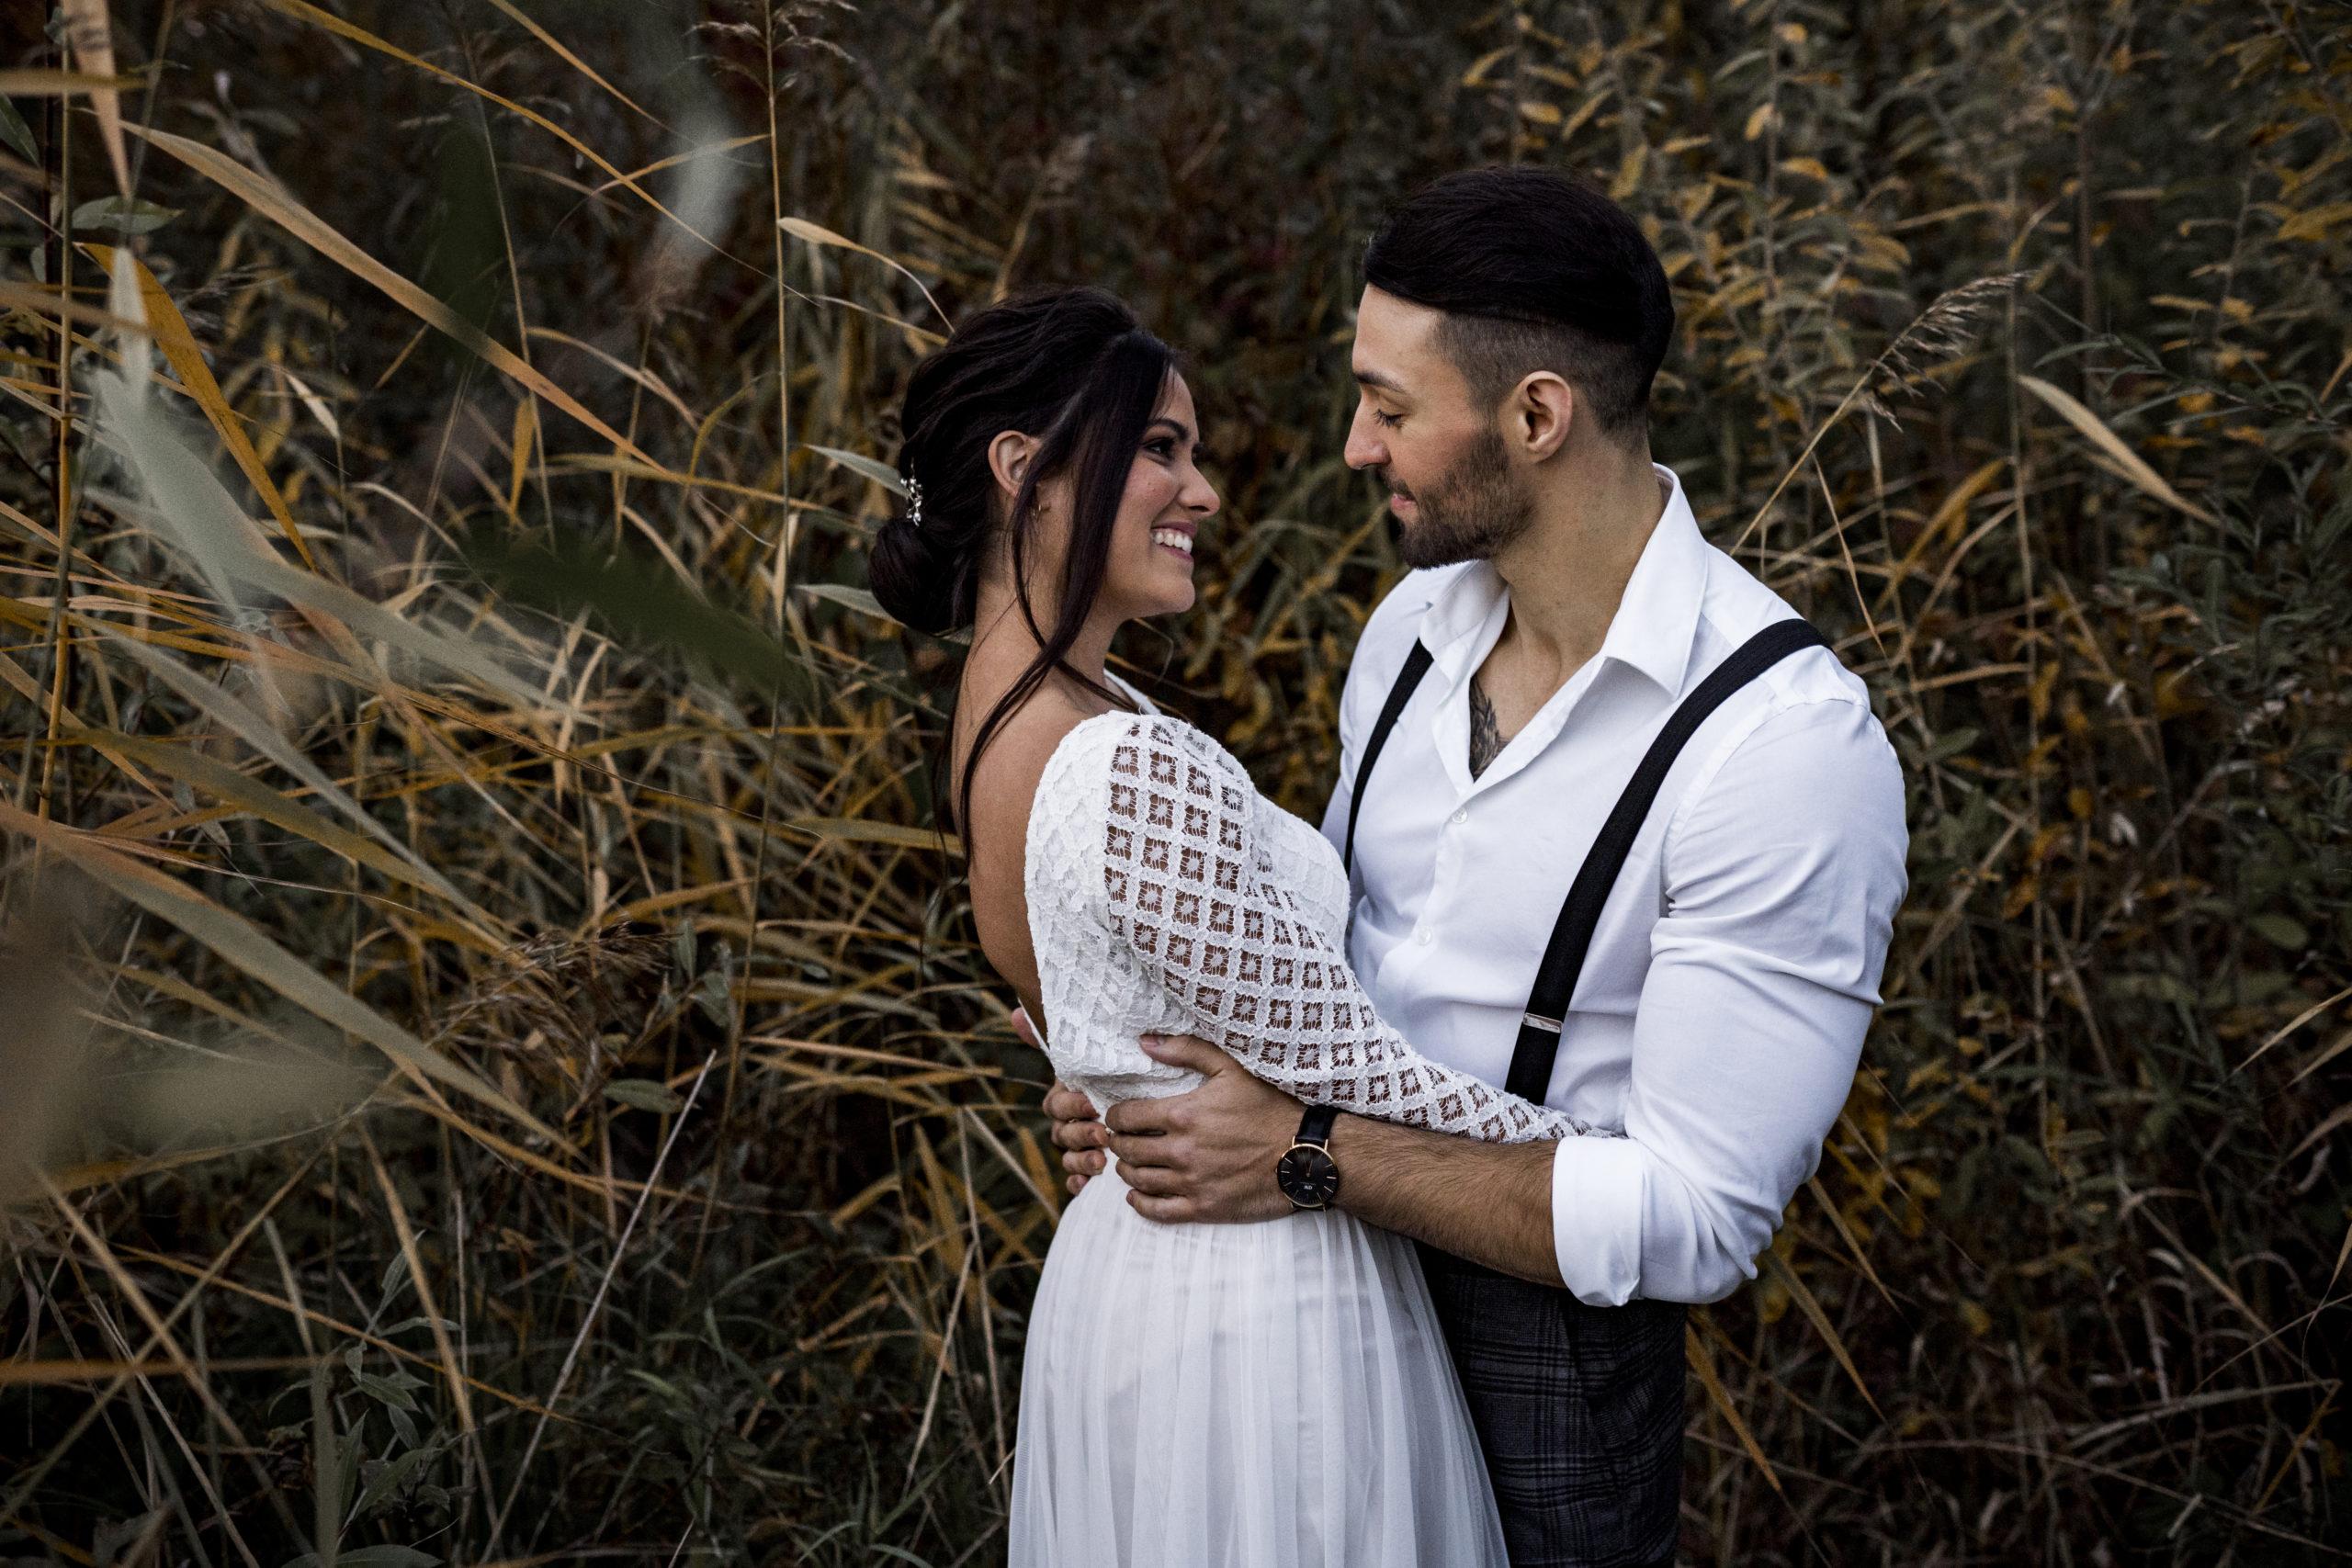 noni Styled Shoot, Model-Paar in Umarmung und lächelnd, Braut mit Oberteil aus weißer, geometrischer Spitze, Bräutigam mit weißem Hemd und Hosenträgern, Seitenansicht